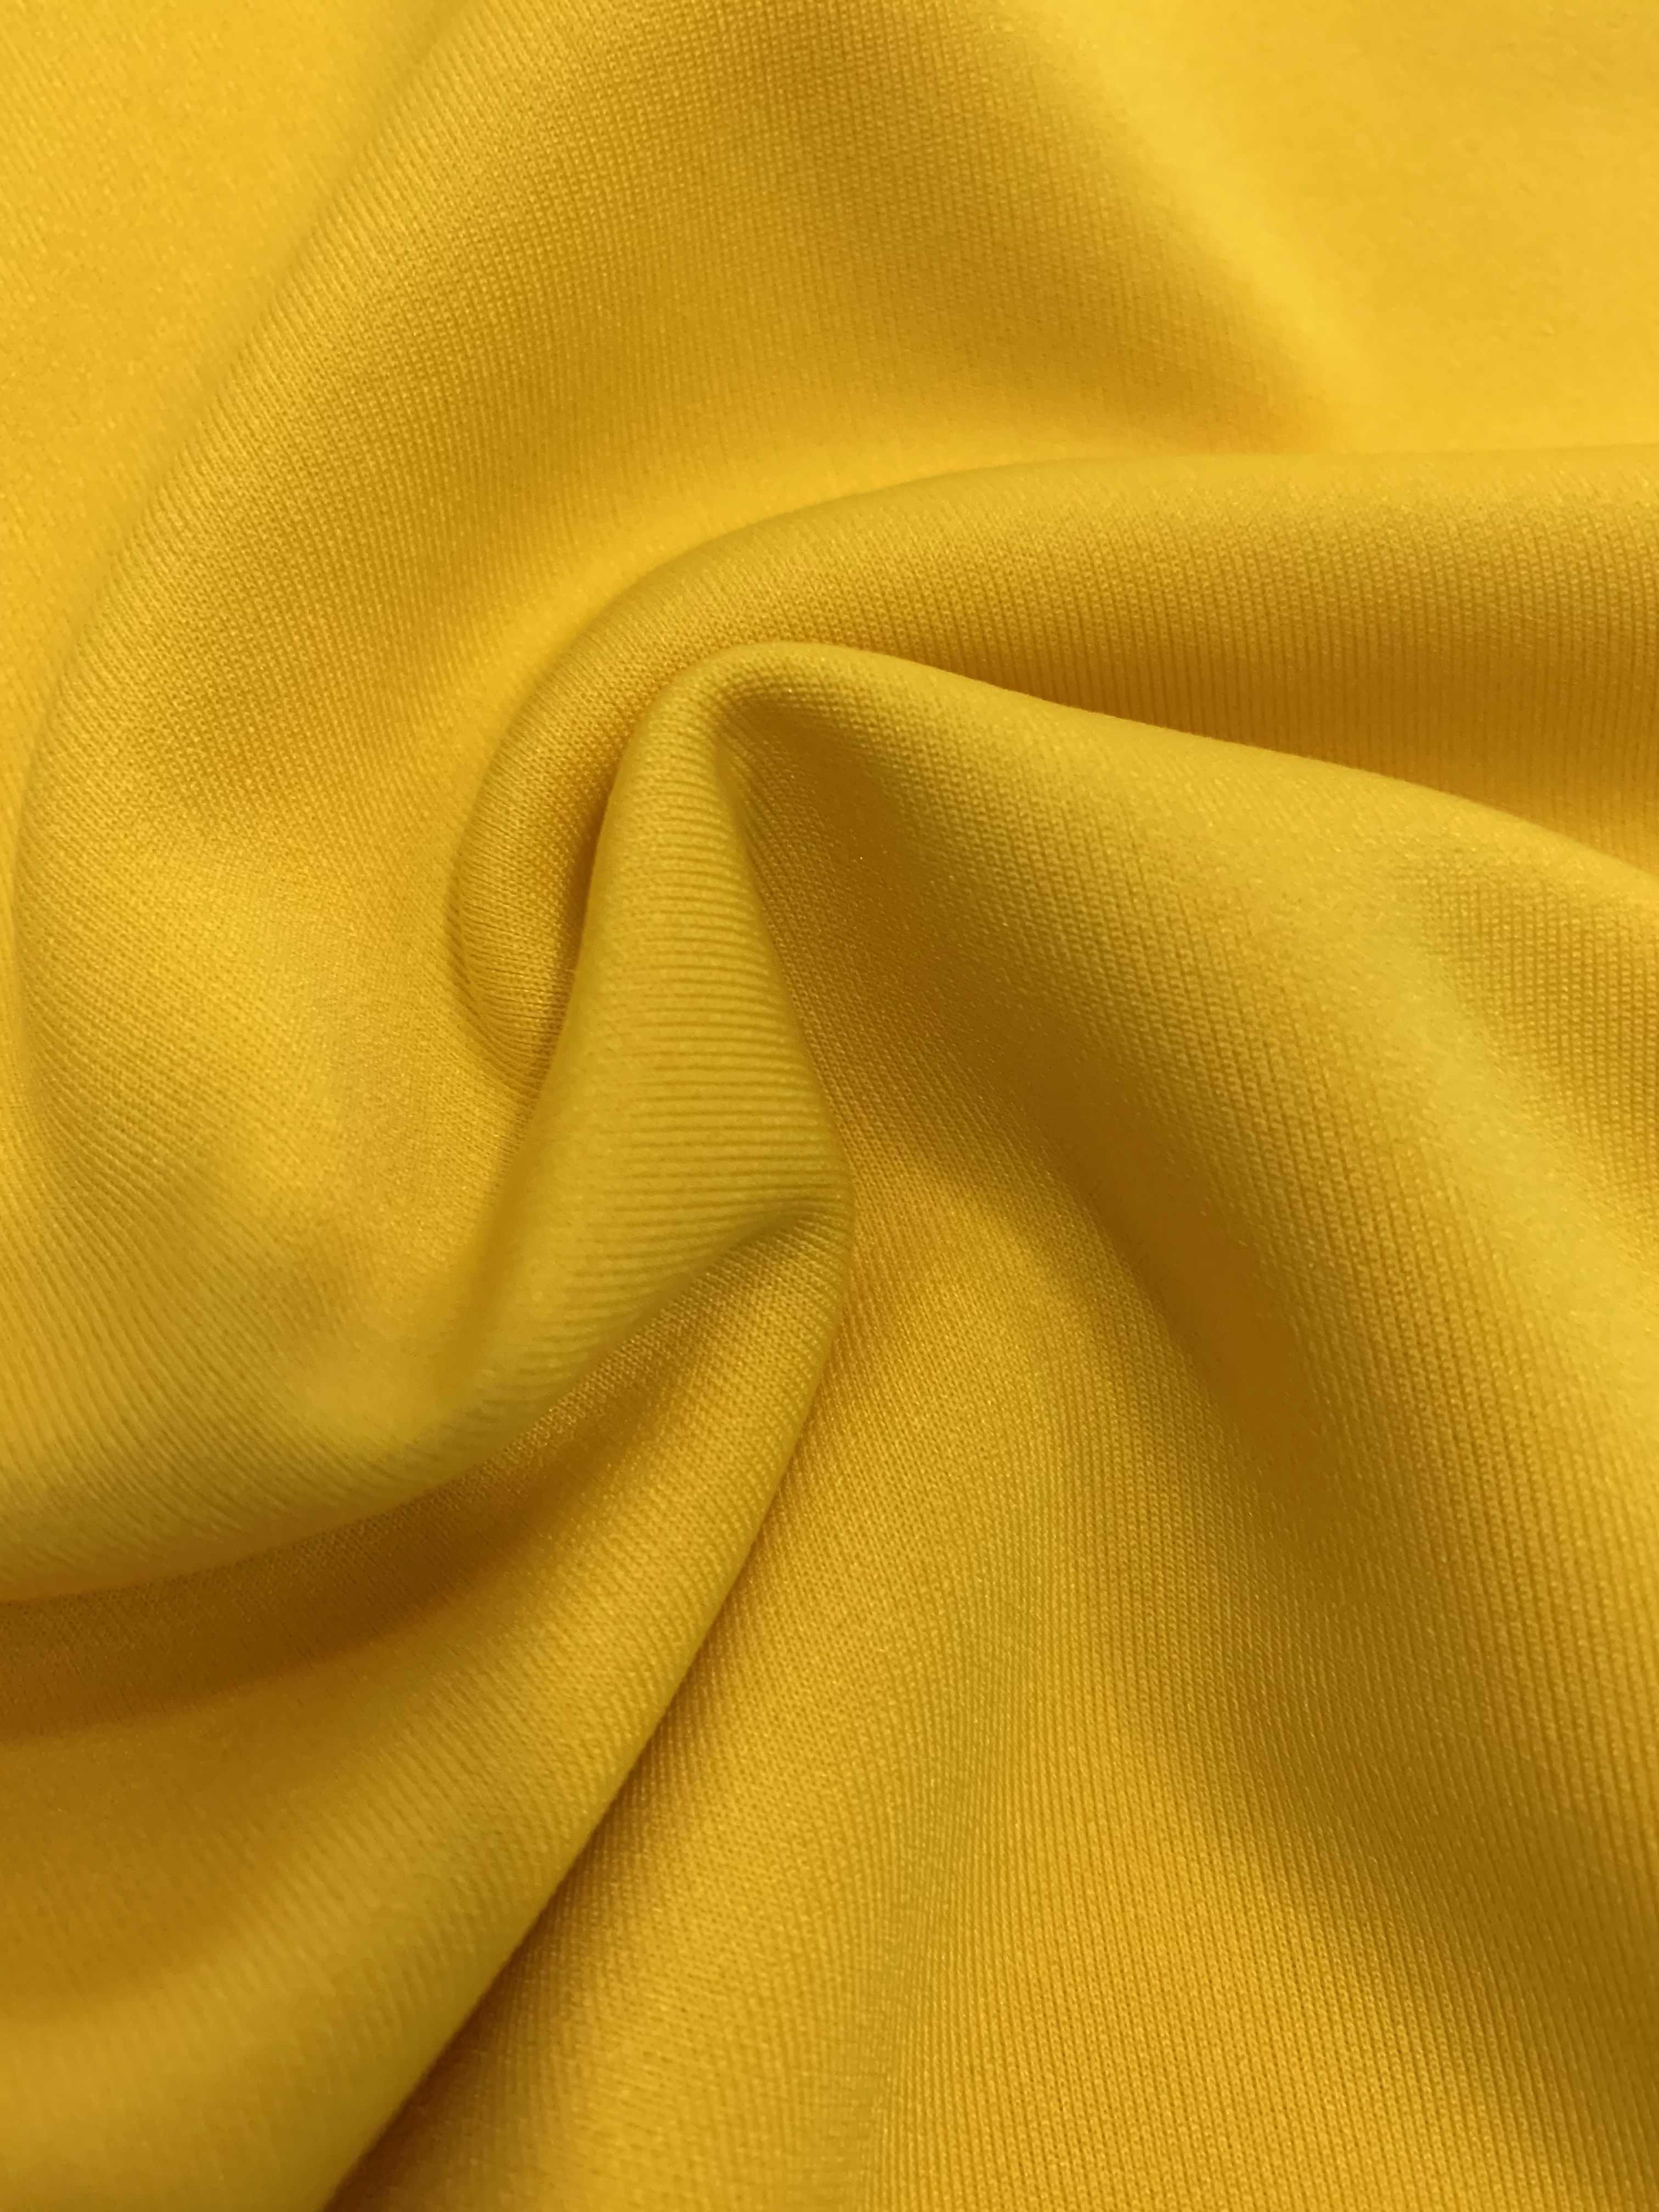 Gingembre jaune moulante jupes élégant bureau dame asymétrique plaine jupe 2019 été taille haute Falbala Midi jupe Style africain